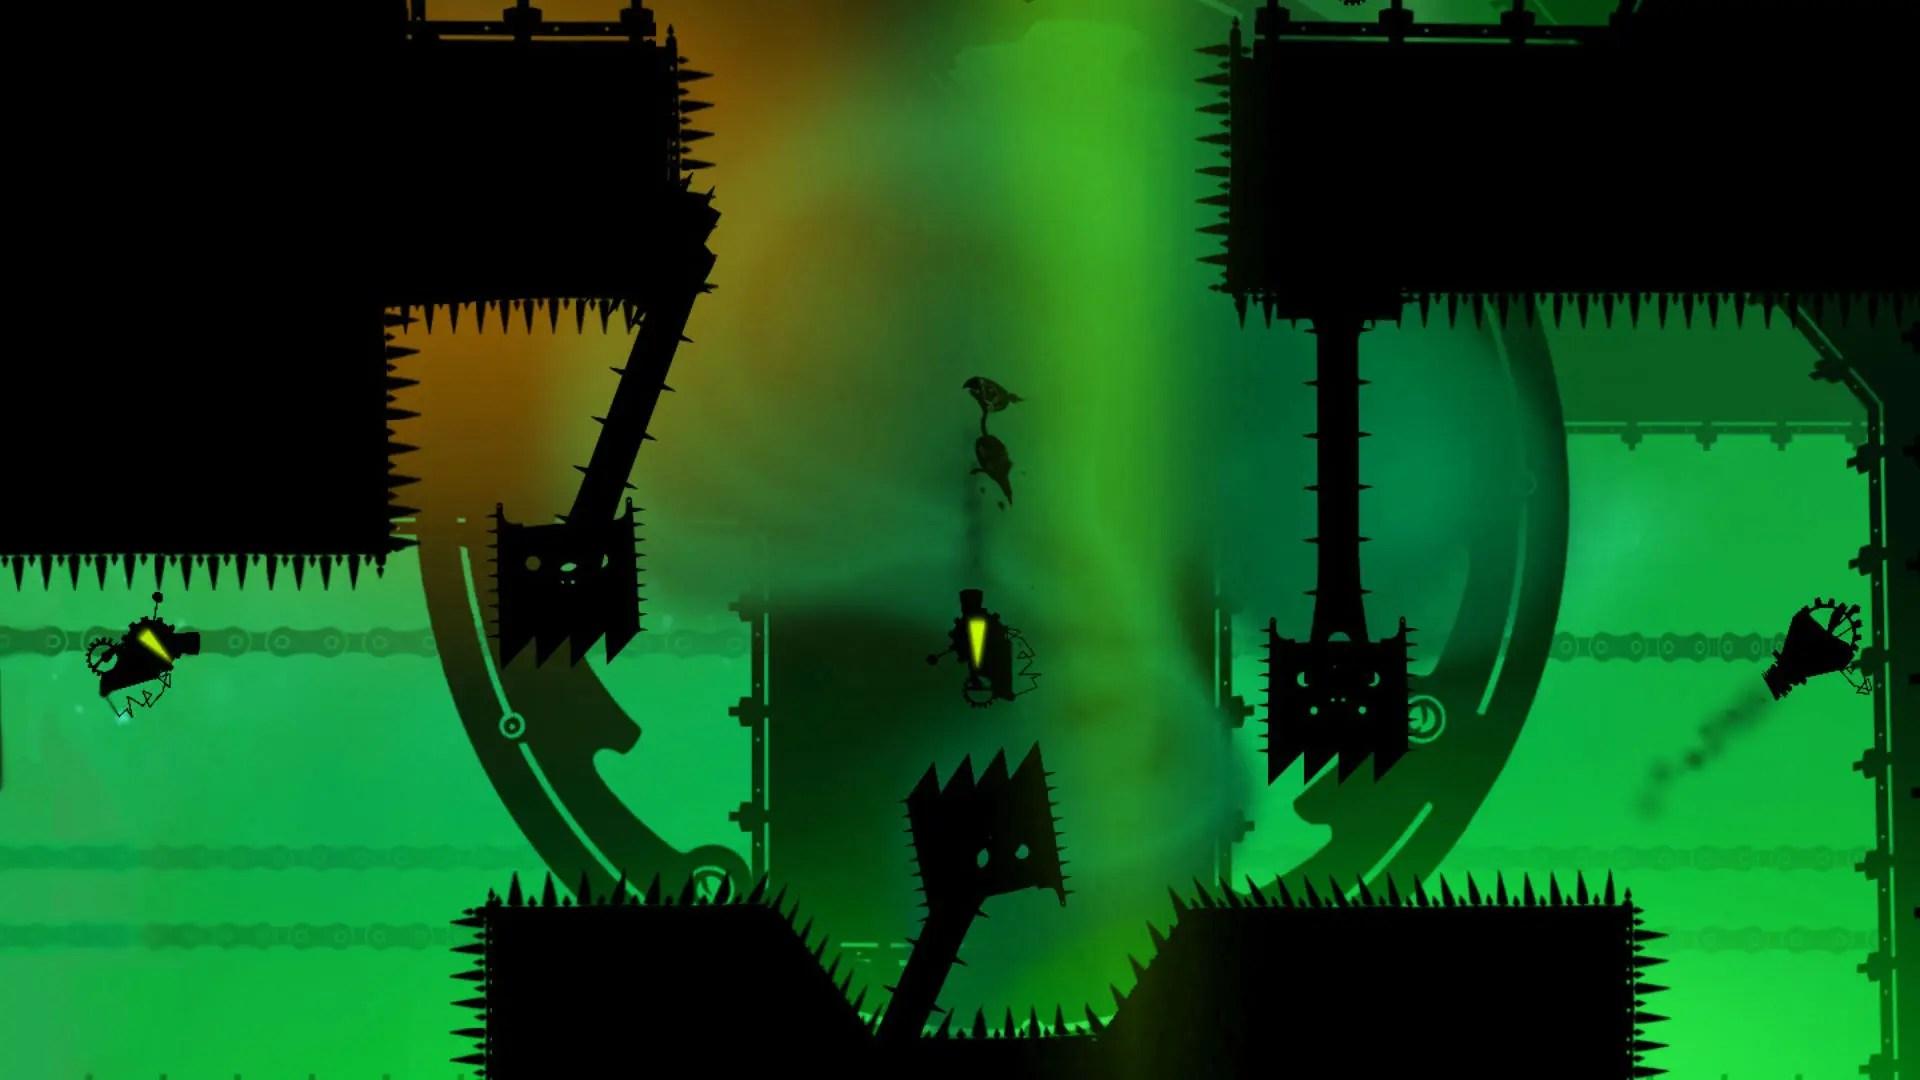 green-game-timeswapper-review-screenshot-2